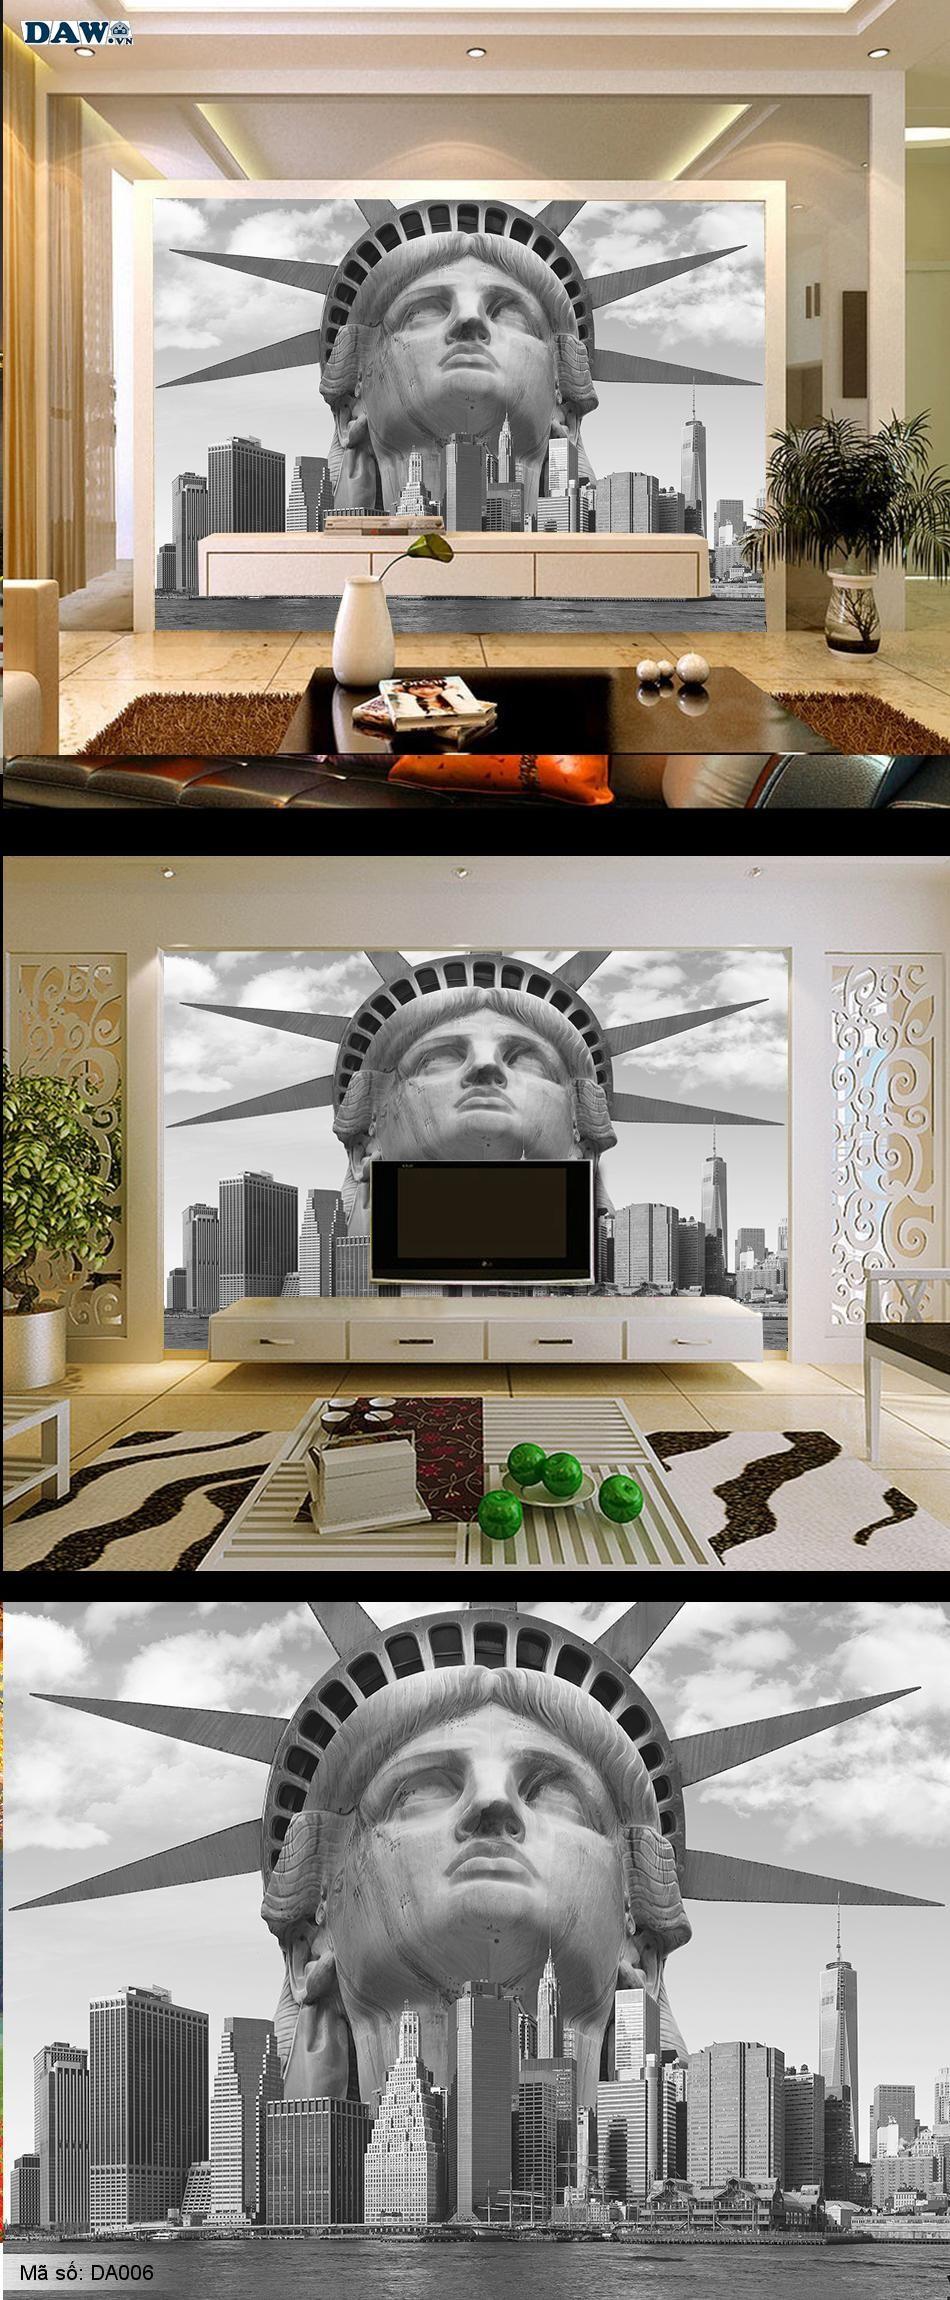 Thành phố New York, tượng Nữ Thần Tự Do, New York City, thành phố đẹp, tranh dán tường thành phố DA006